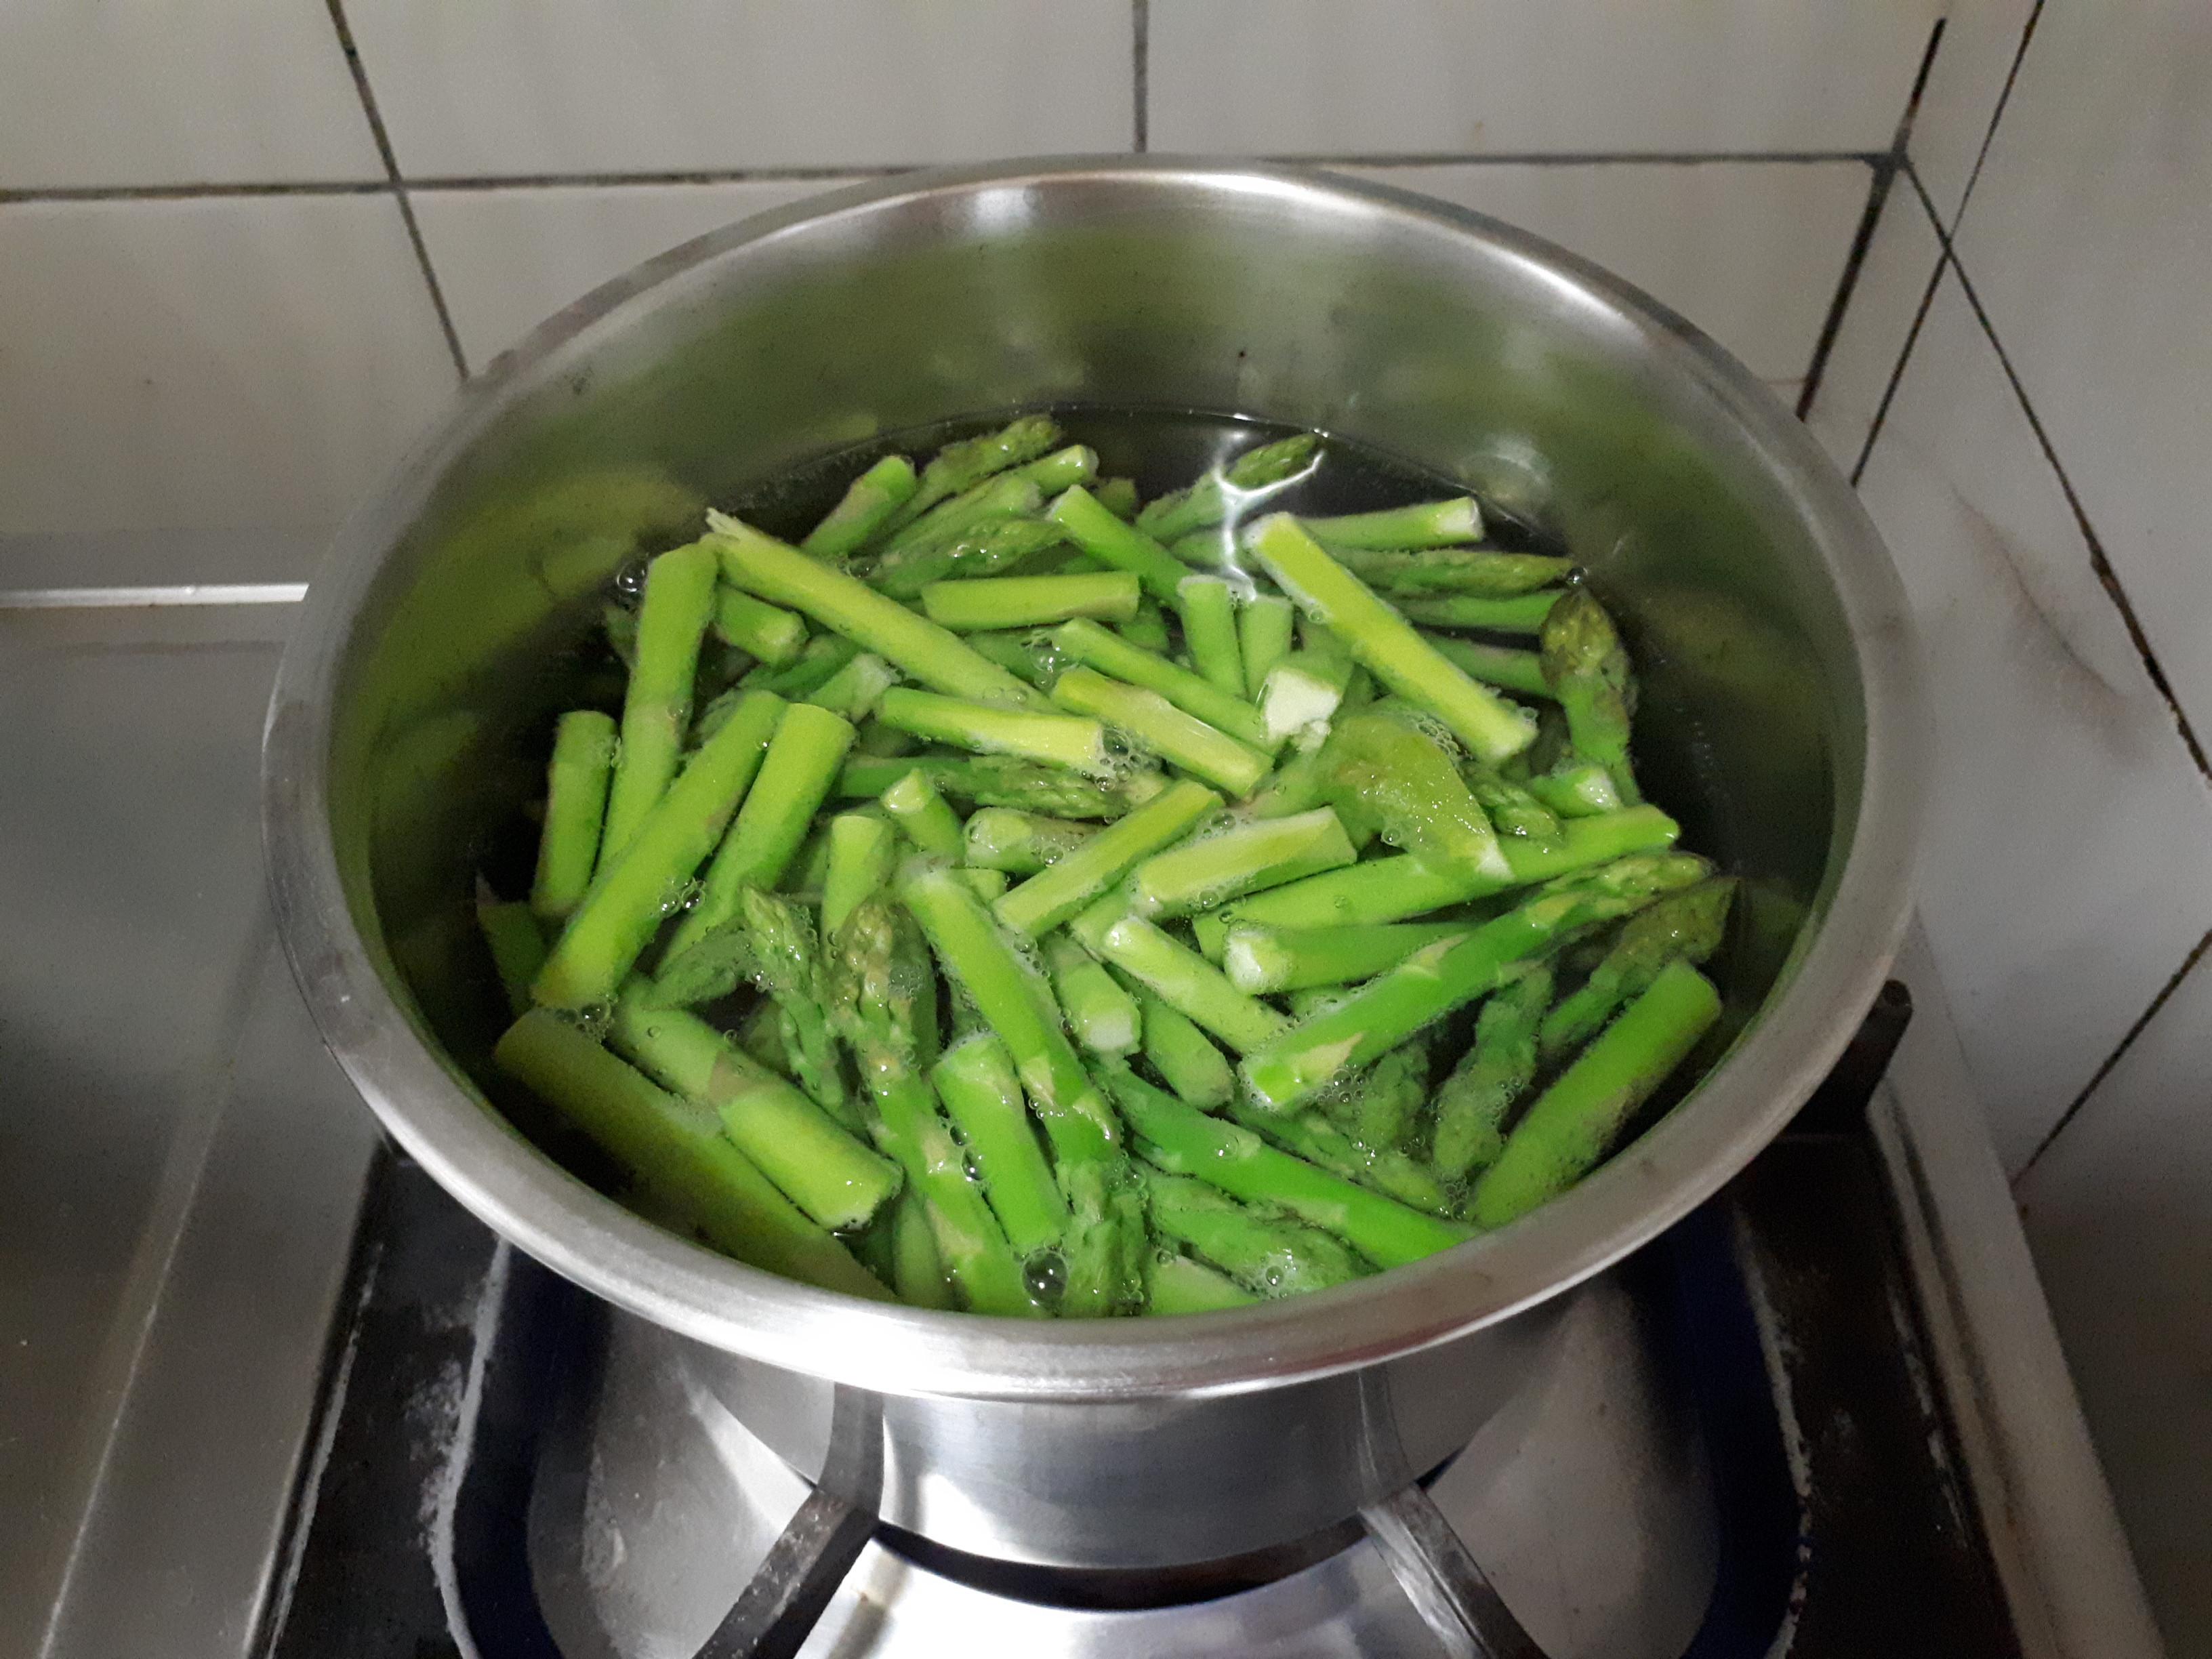 零廚藝免流汗料理~凱薩雞肉沙拉、涼拌苦瓜、涼拌蘆筍的第 7 張圖片